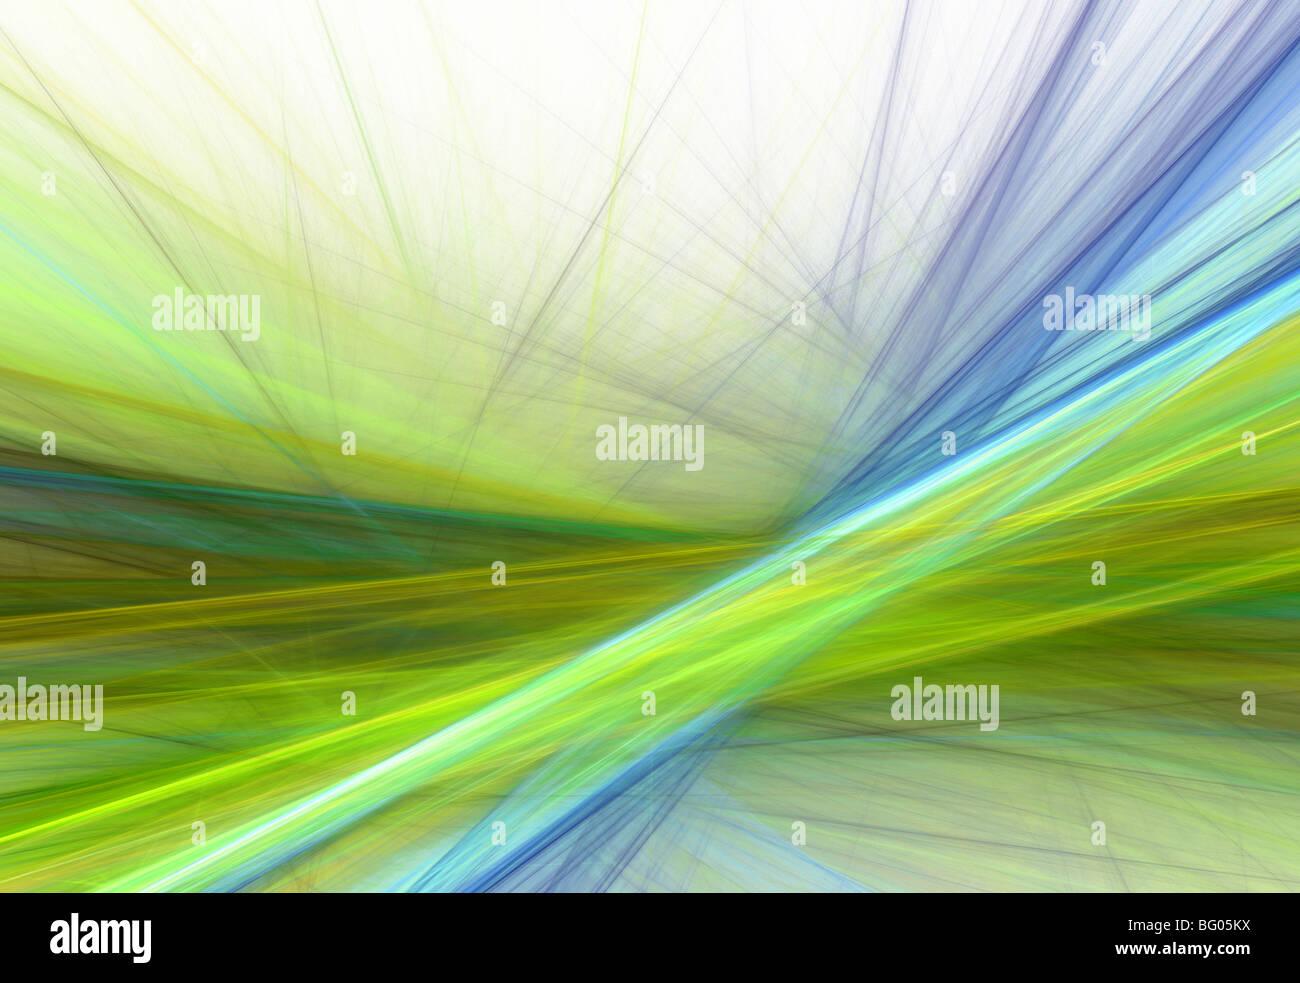 Abstract linee frattale Immagine di sfondo Immagini Stock